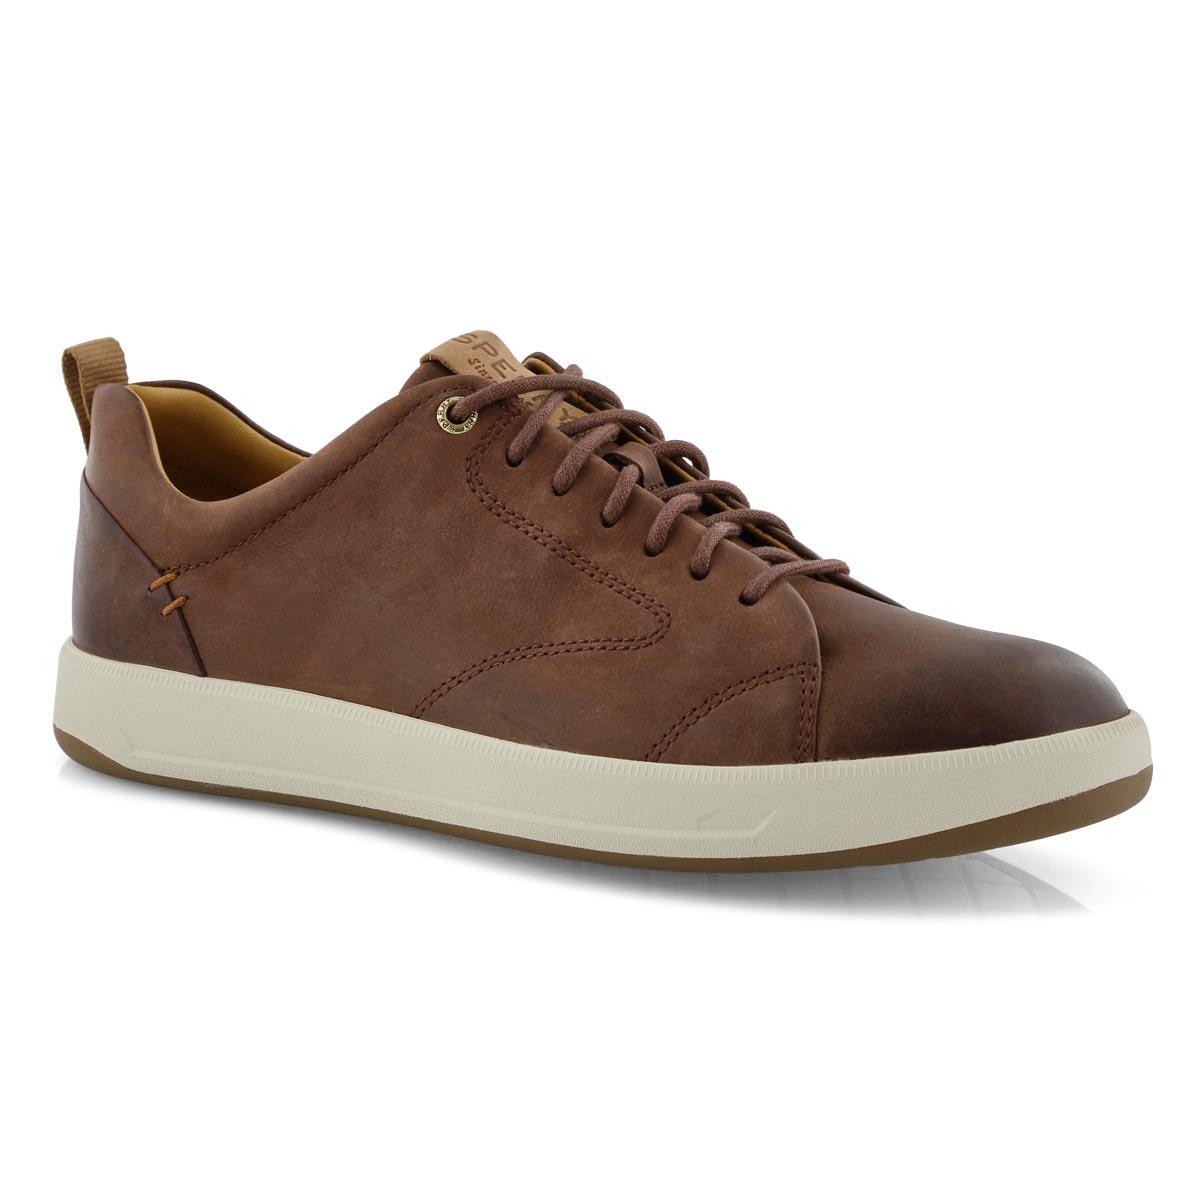 Mns Gold Richfield LTT brn boat shoe